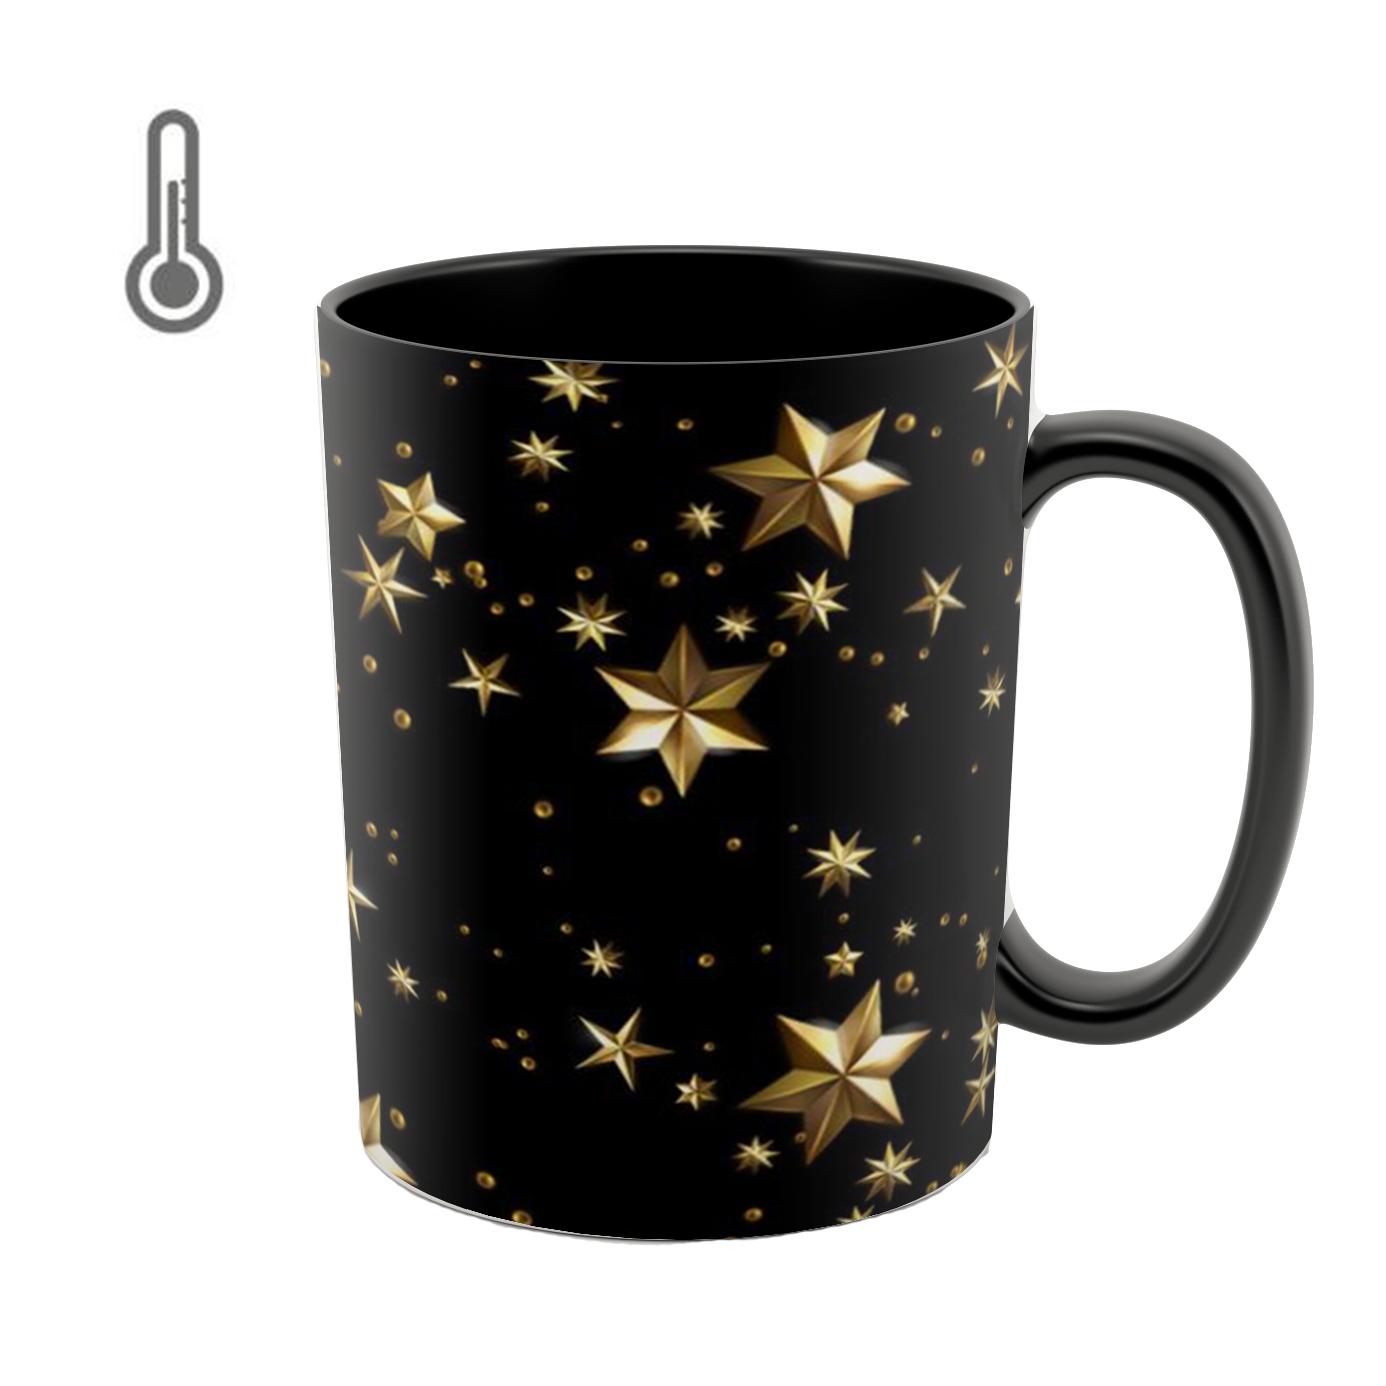 عکس ماگ حرارتی طرح ستاره